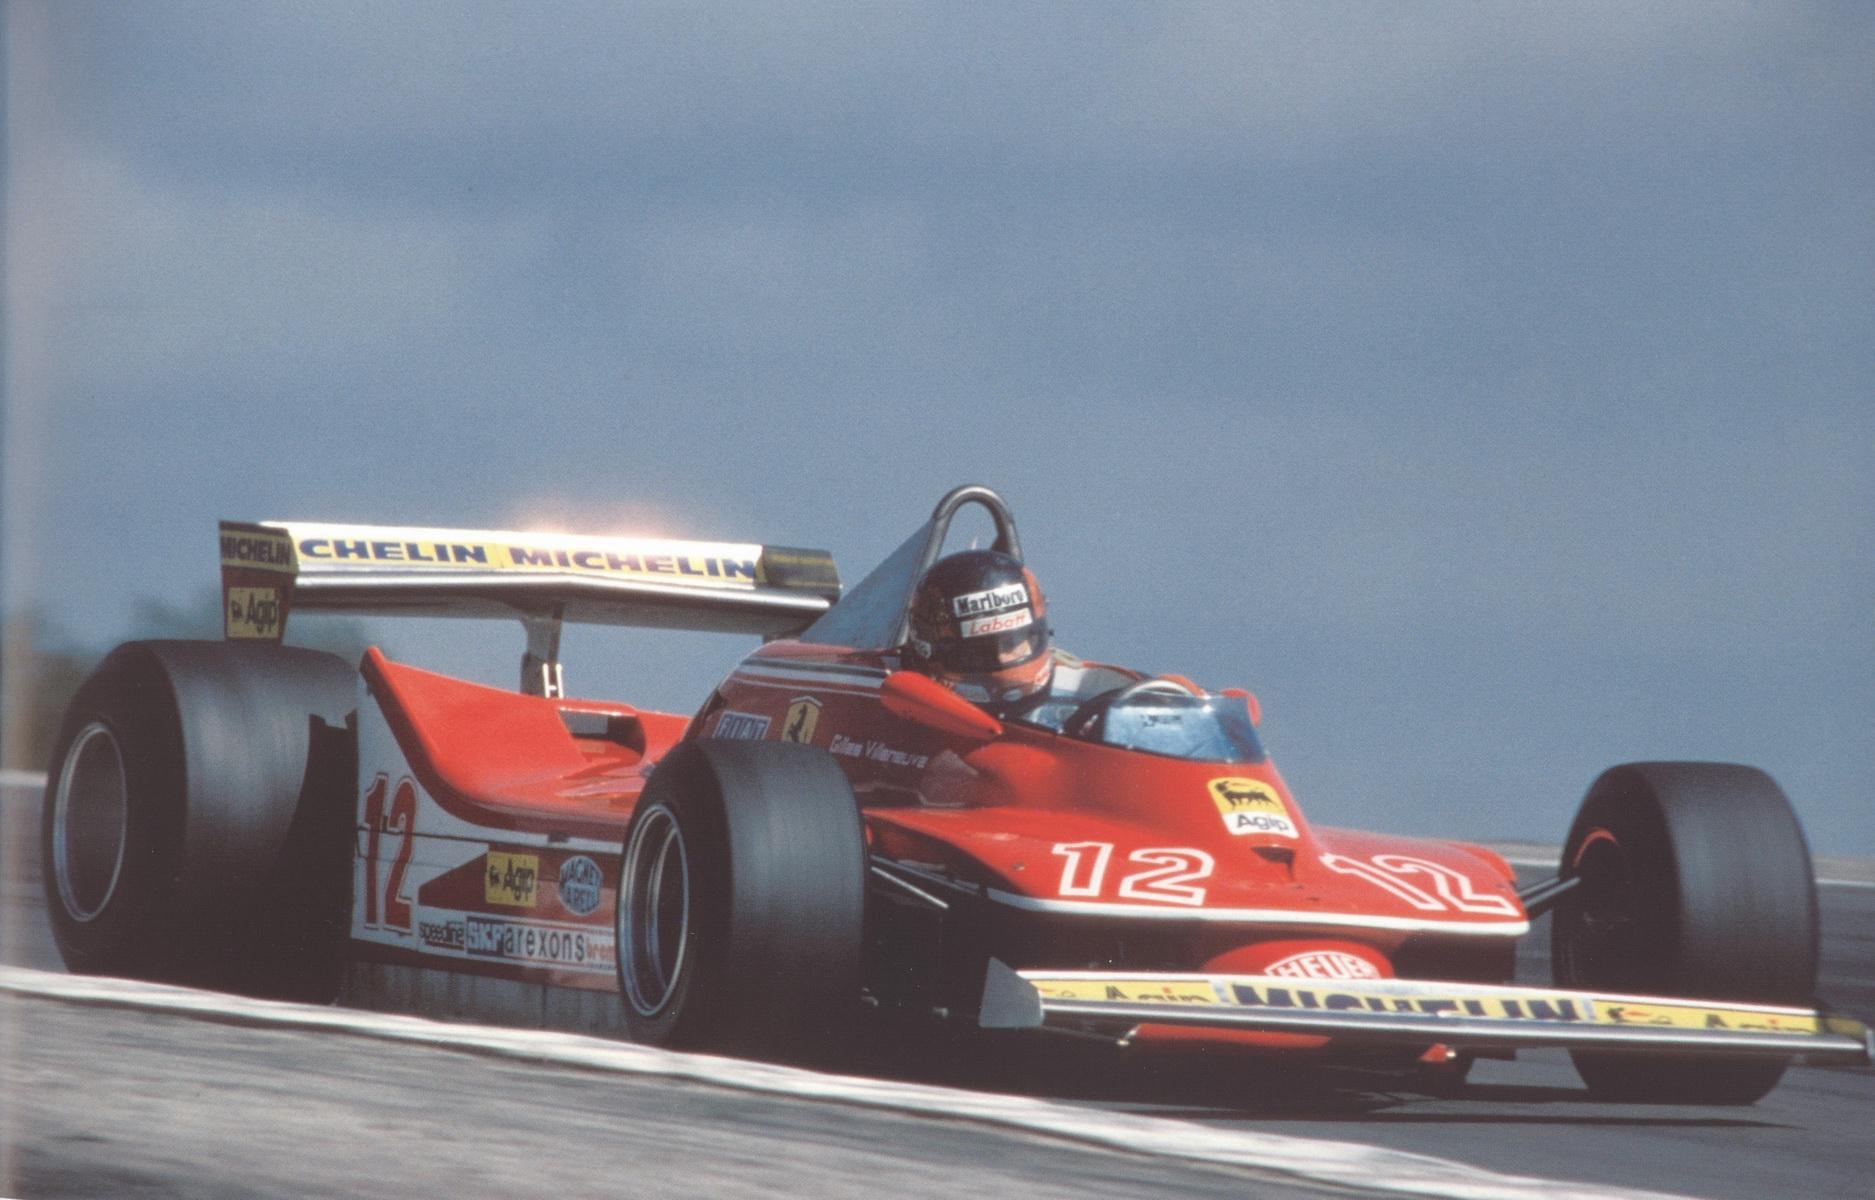 069_1979_FRA_Ferrari_Villeneuve_1_.jpg